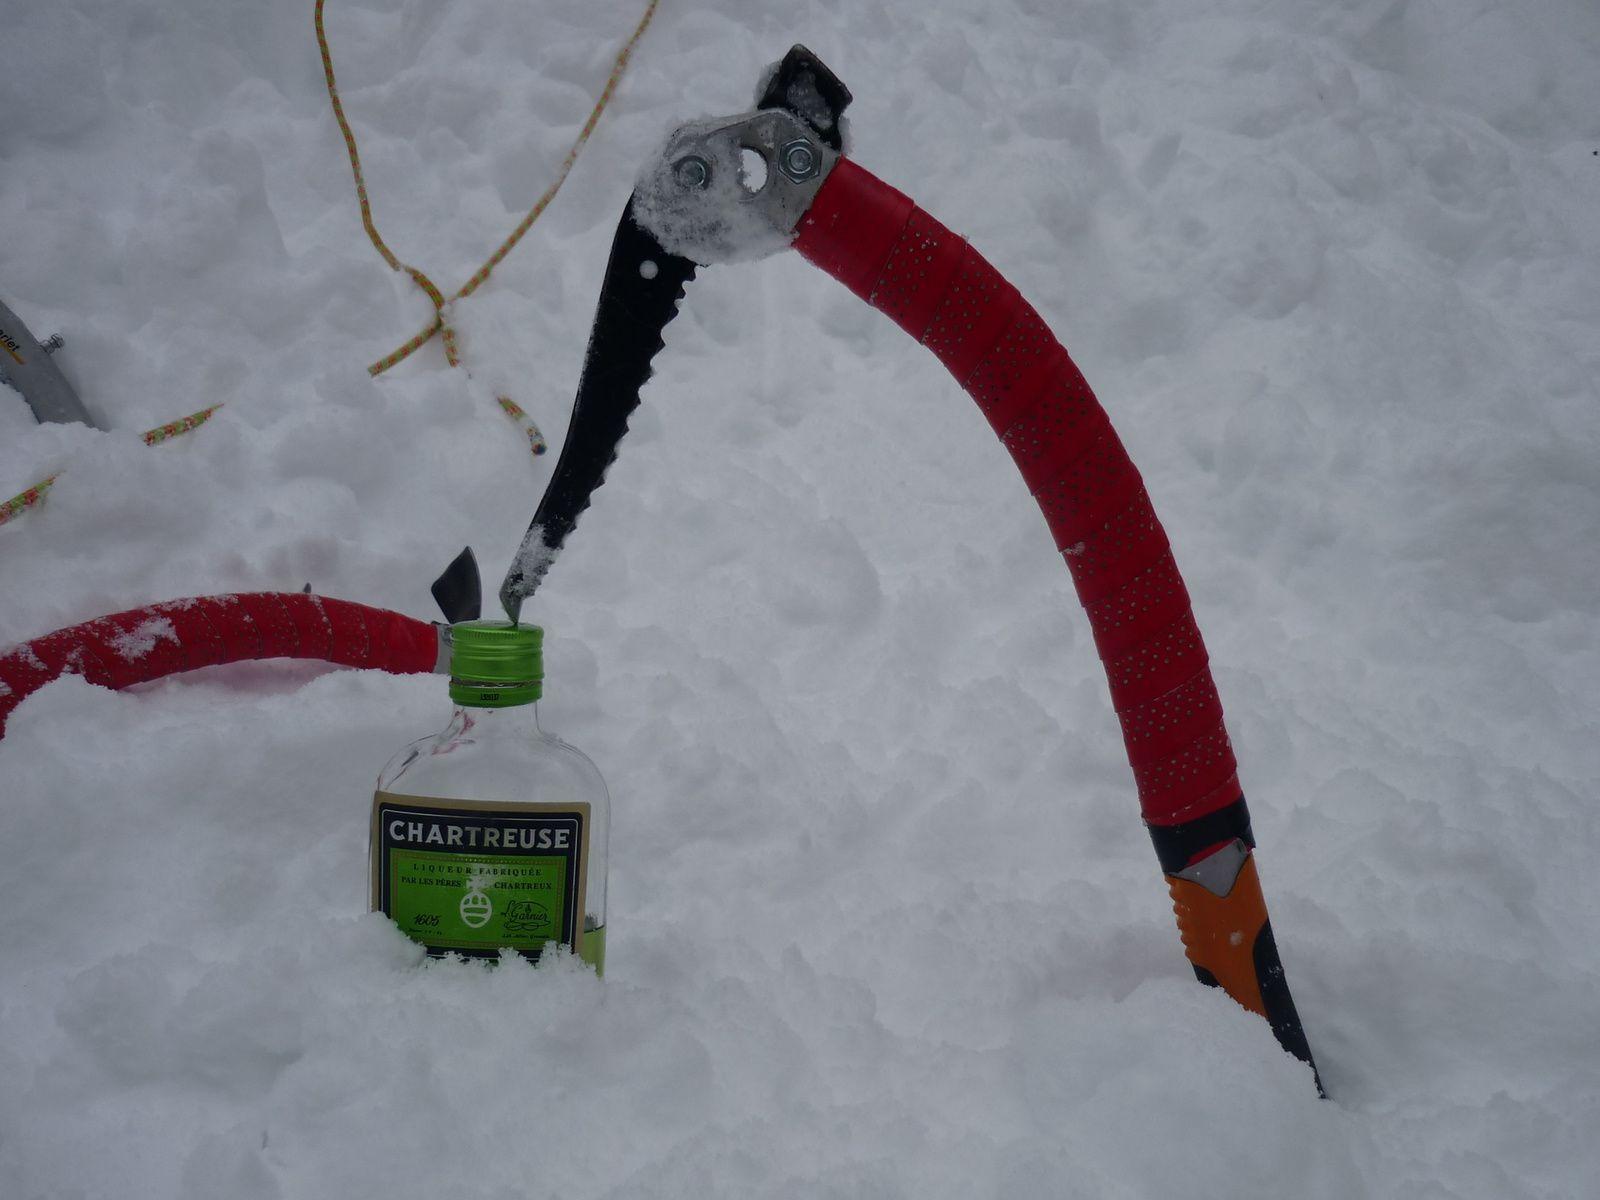 Il fait froid mais le réconfort est là : je ne part jamais sans ma Chartreuse !